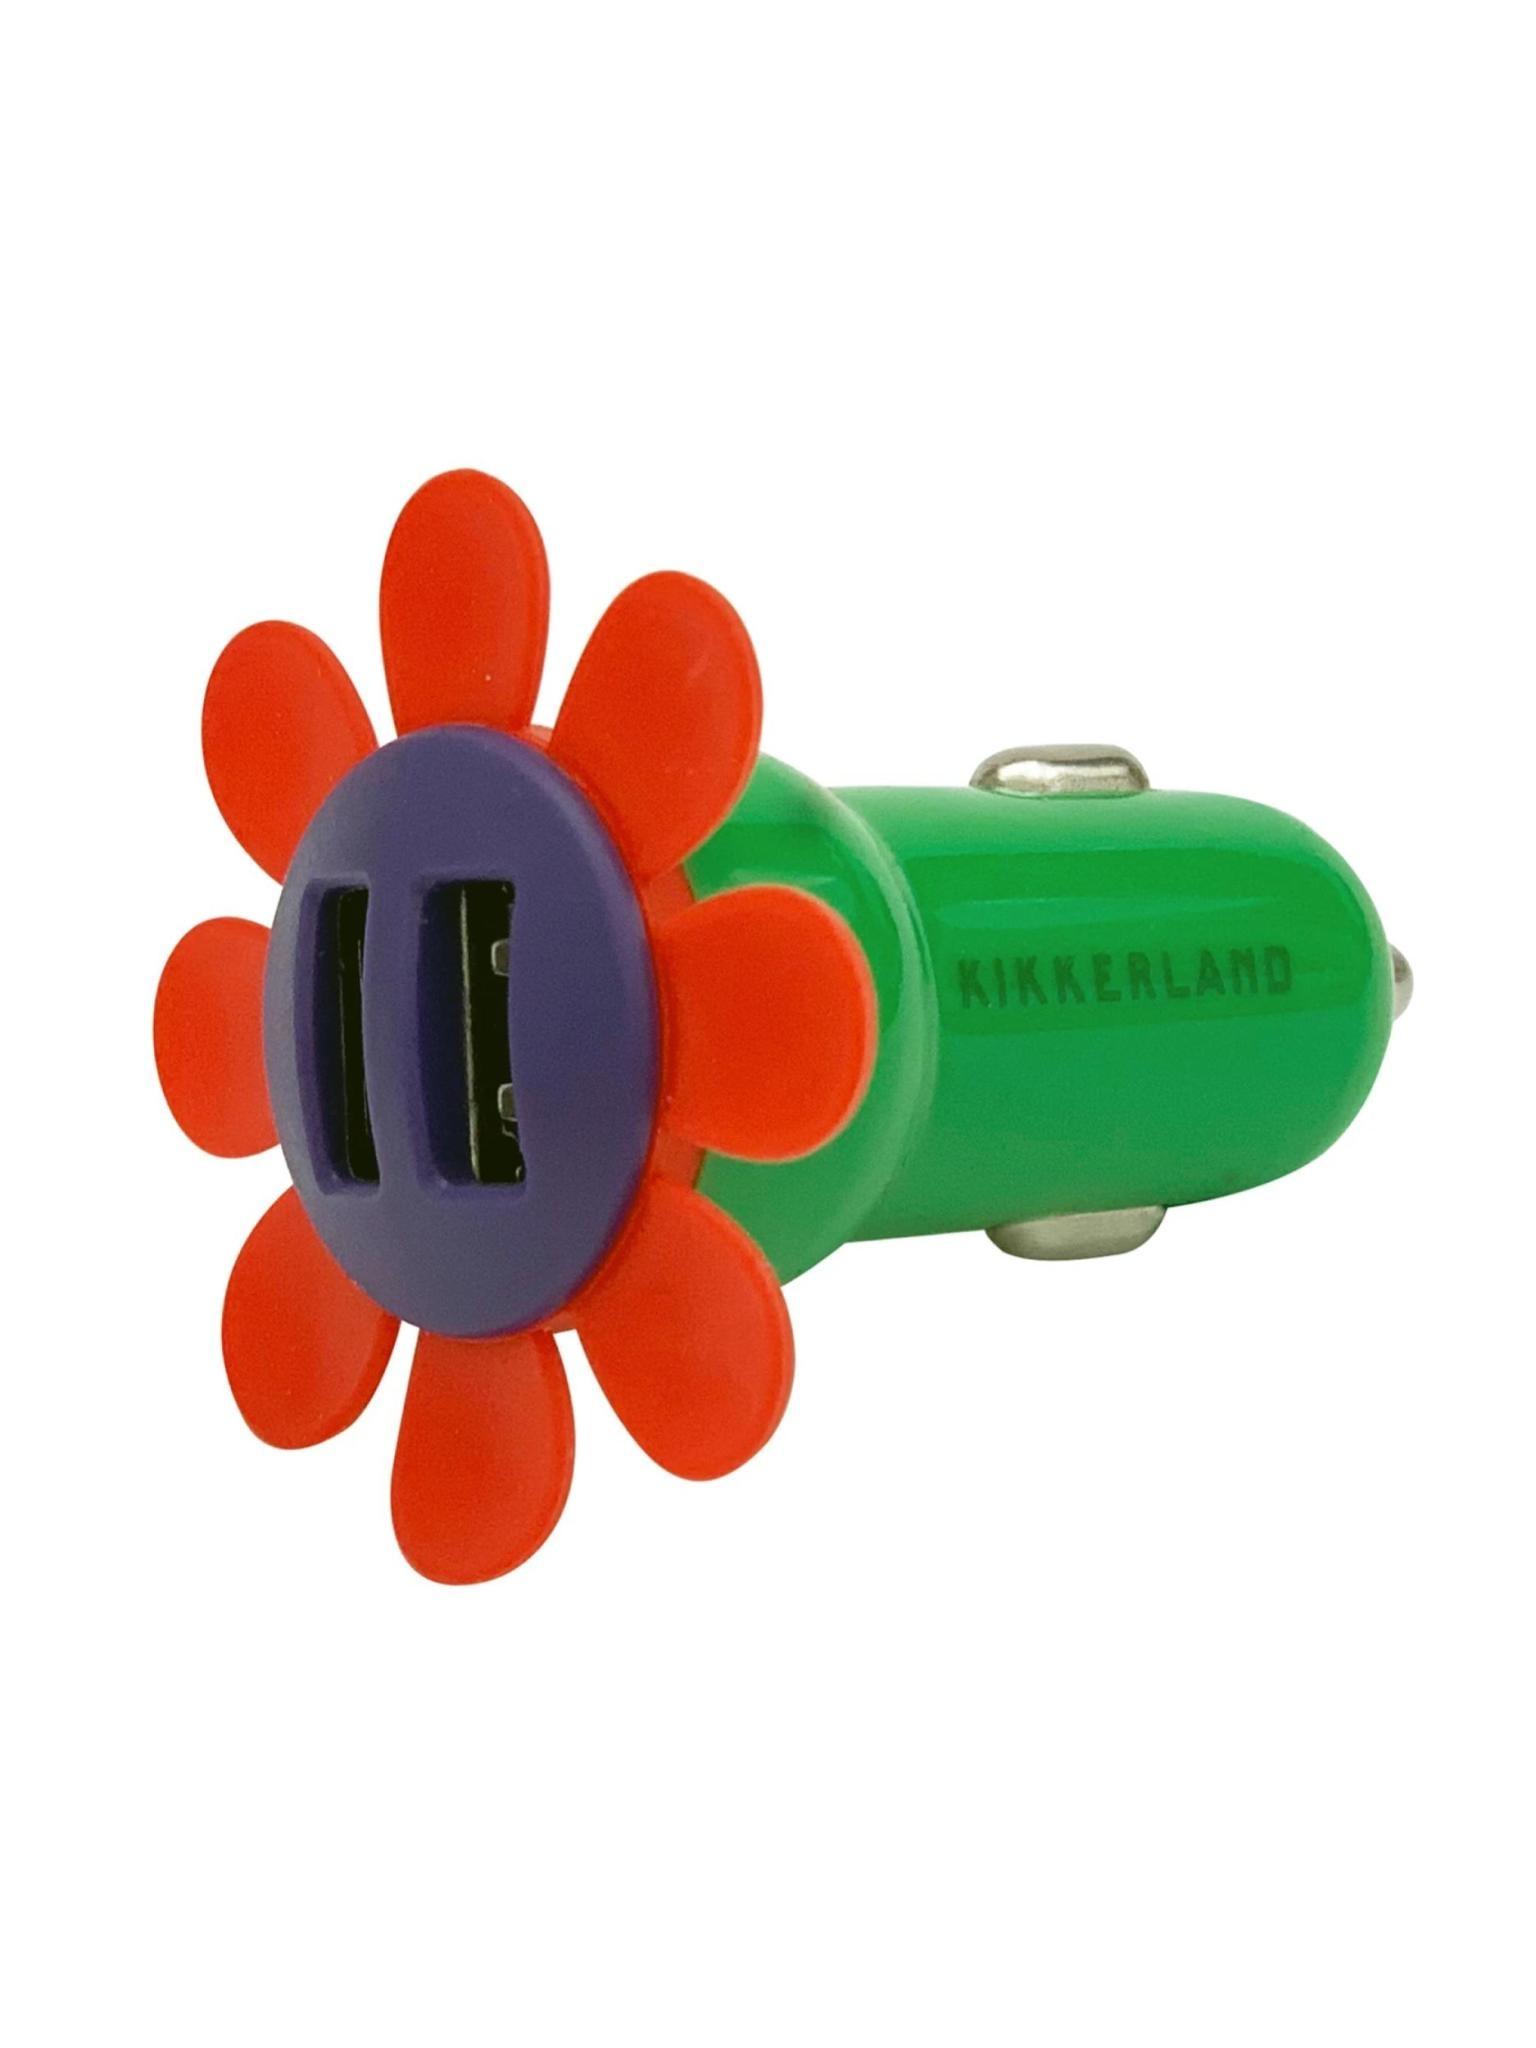 Kikkerland Flower Car Charger